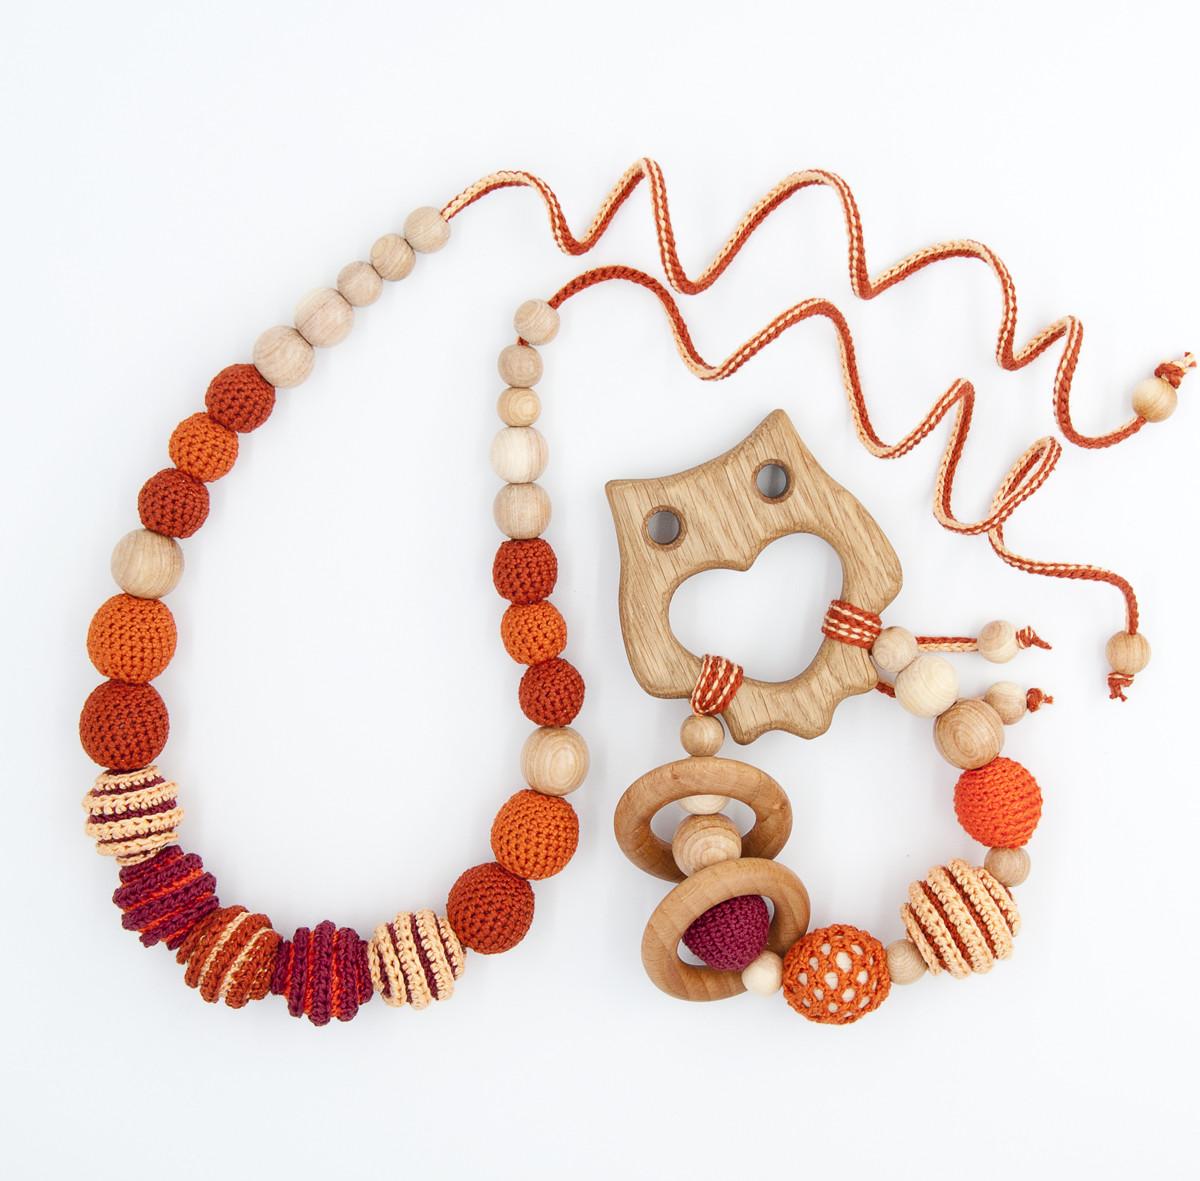 """Подарочный набор для мамы и малыша: слингобусы и грызунок Ярмирина """"Персики Совушка"""" можжевельник и дуб"""